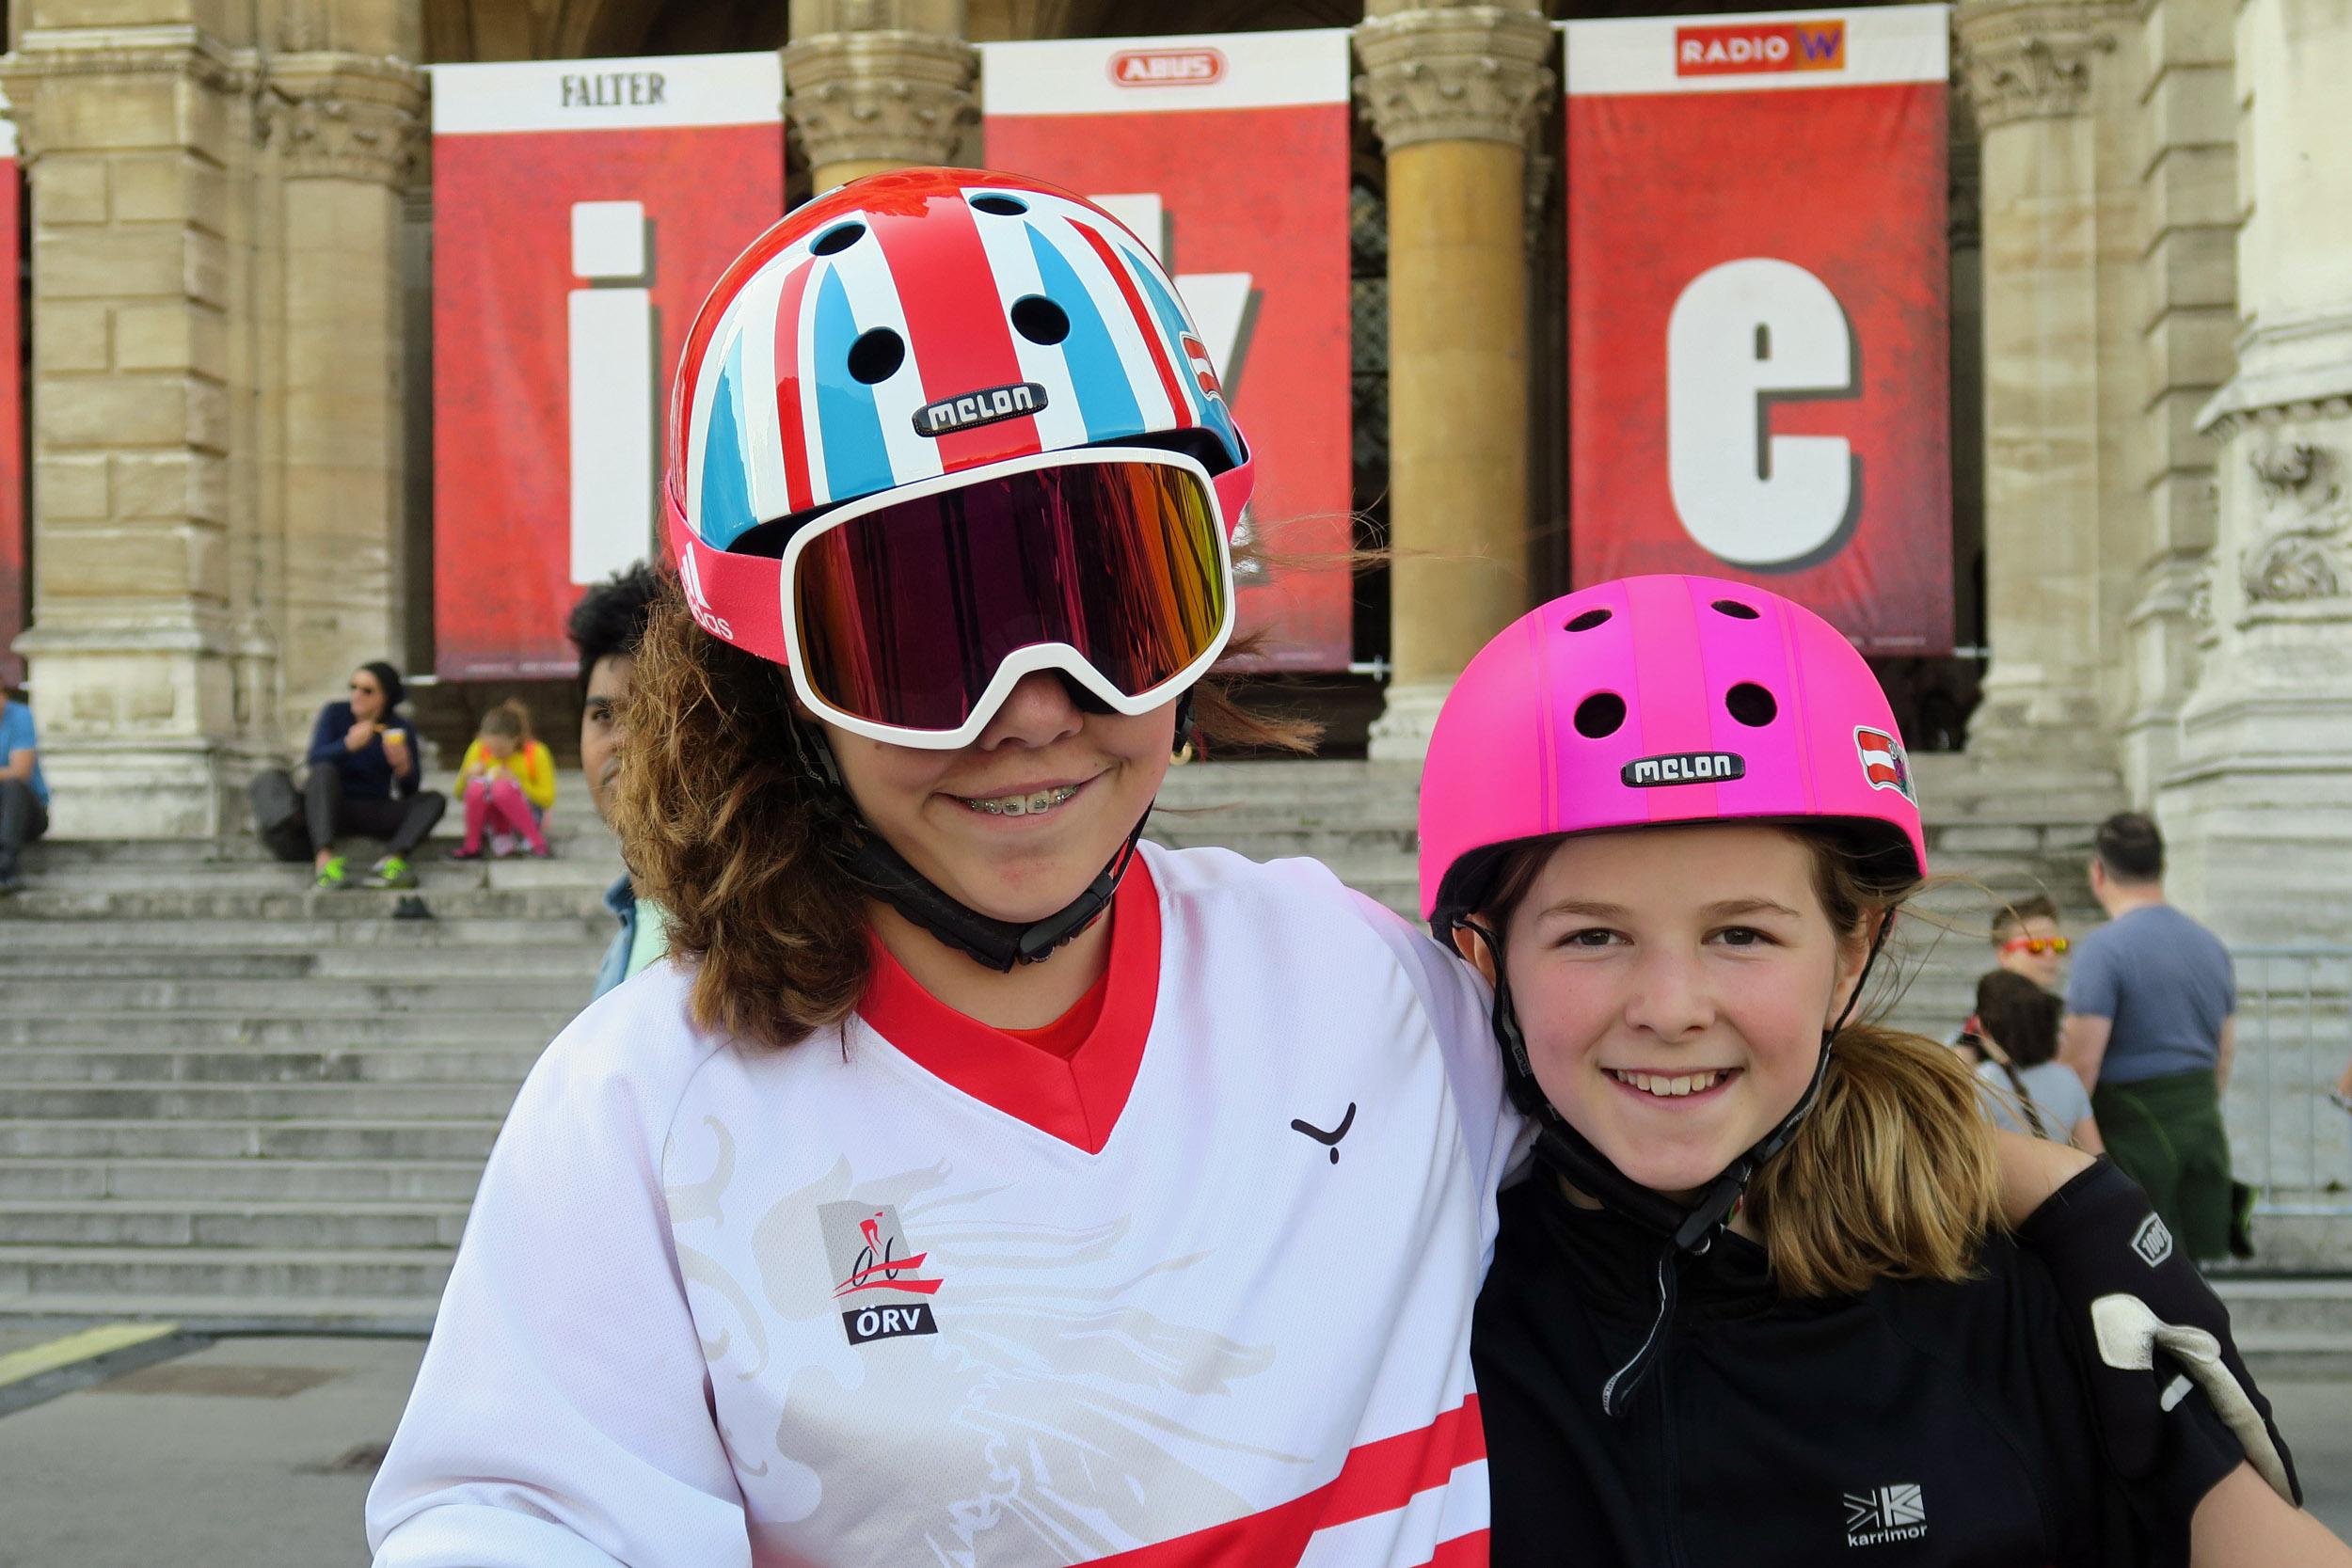 Gemeinsam mit ihrer Schwester Emilie (11) versuchte sich die zwölfjährige Niederösterreicherin an sämtlichen Attraktionen, die das Festival zu bieten hatte: